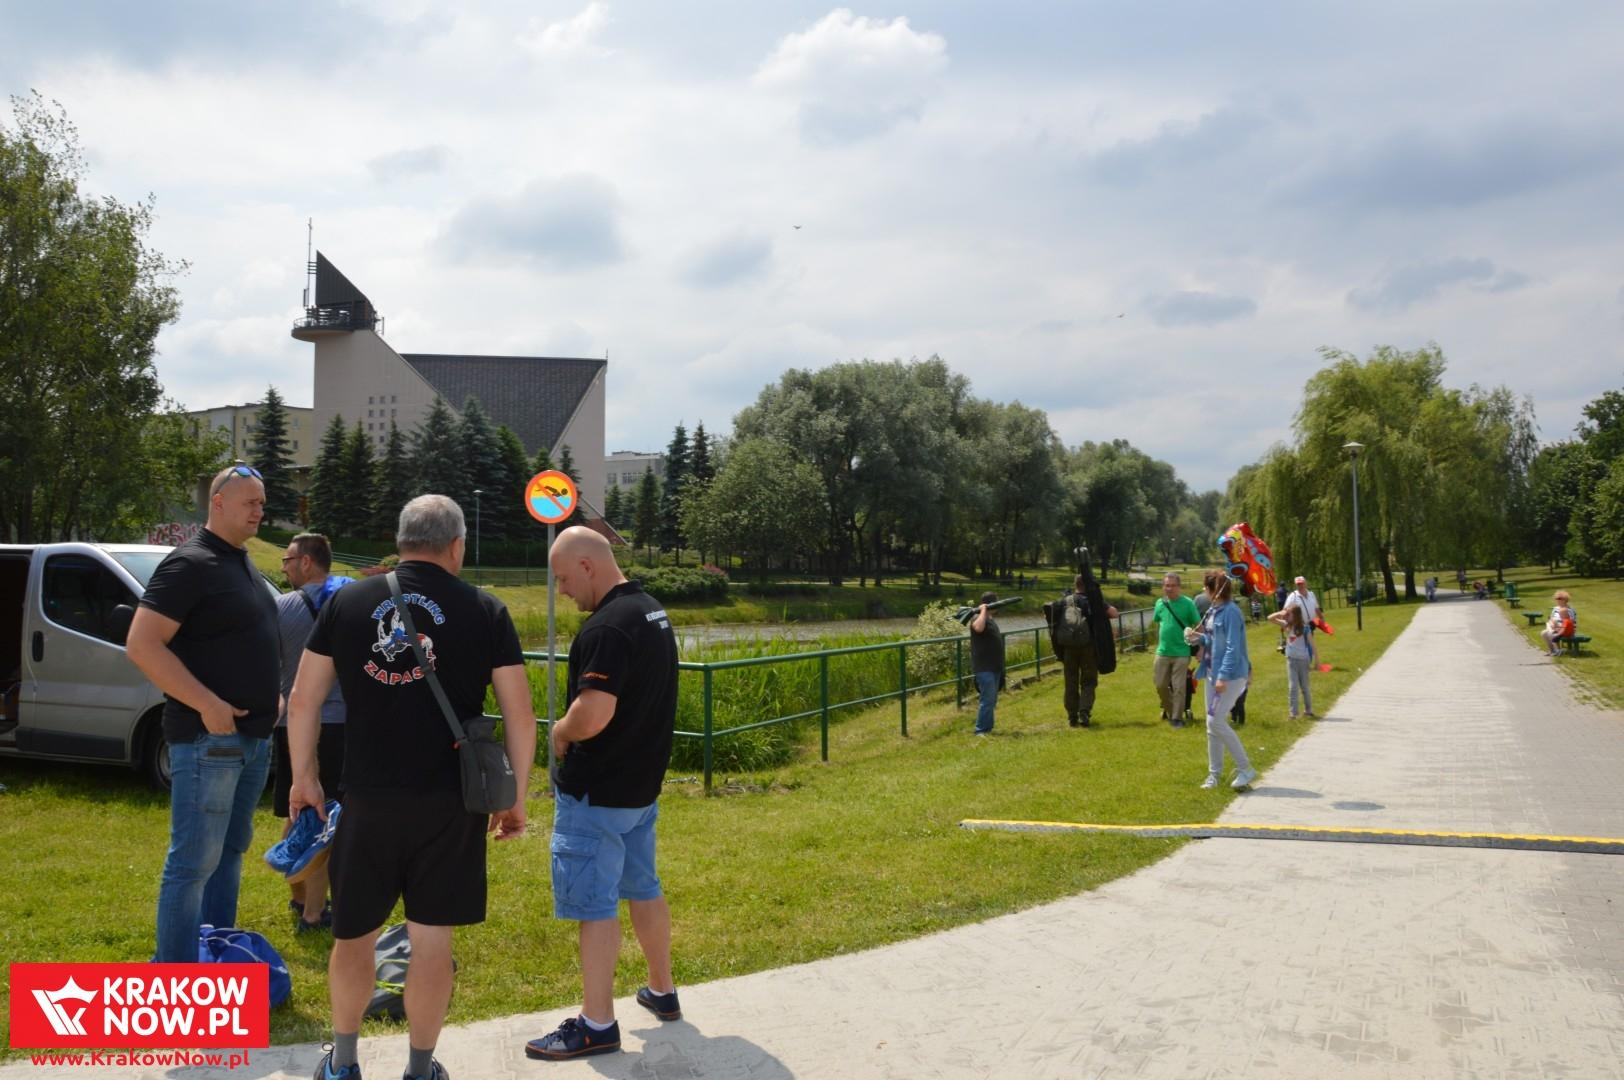 25 lat osiedla rzaka krakow festyn rodzinny 2 150x150 - 25 lat Osiedla Rżąka - galeria zdjęć z festynu